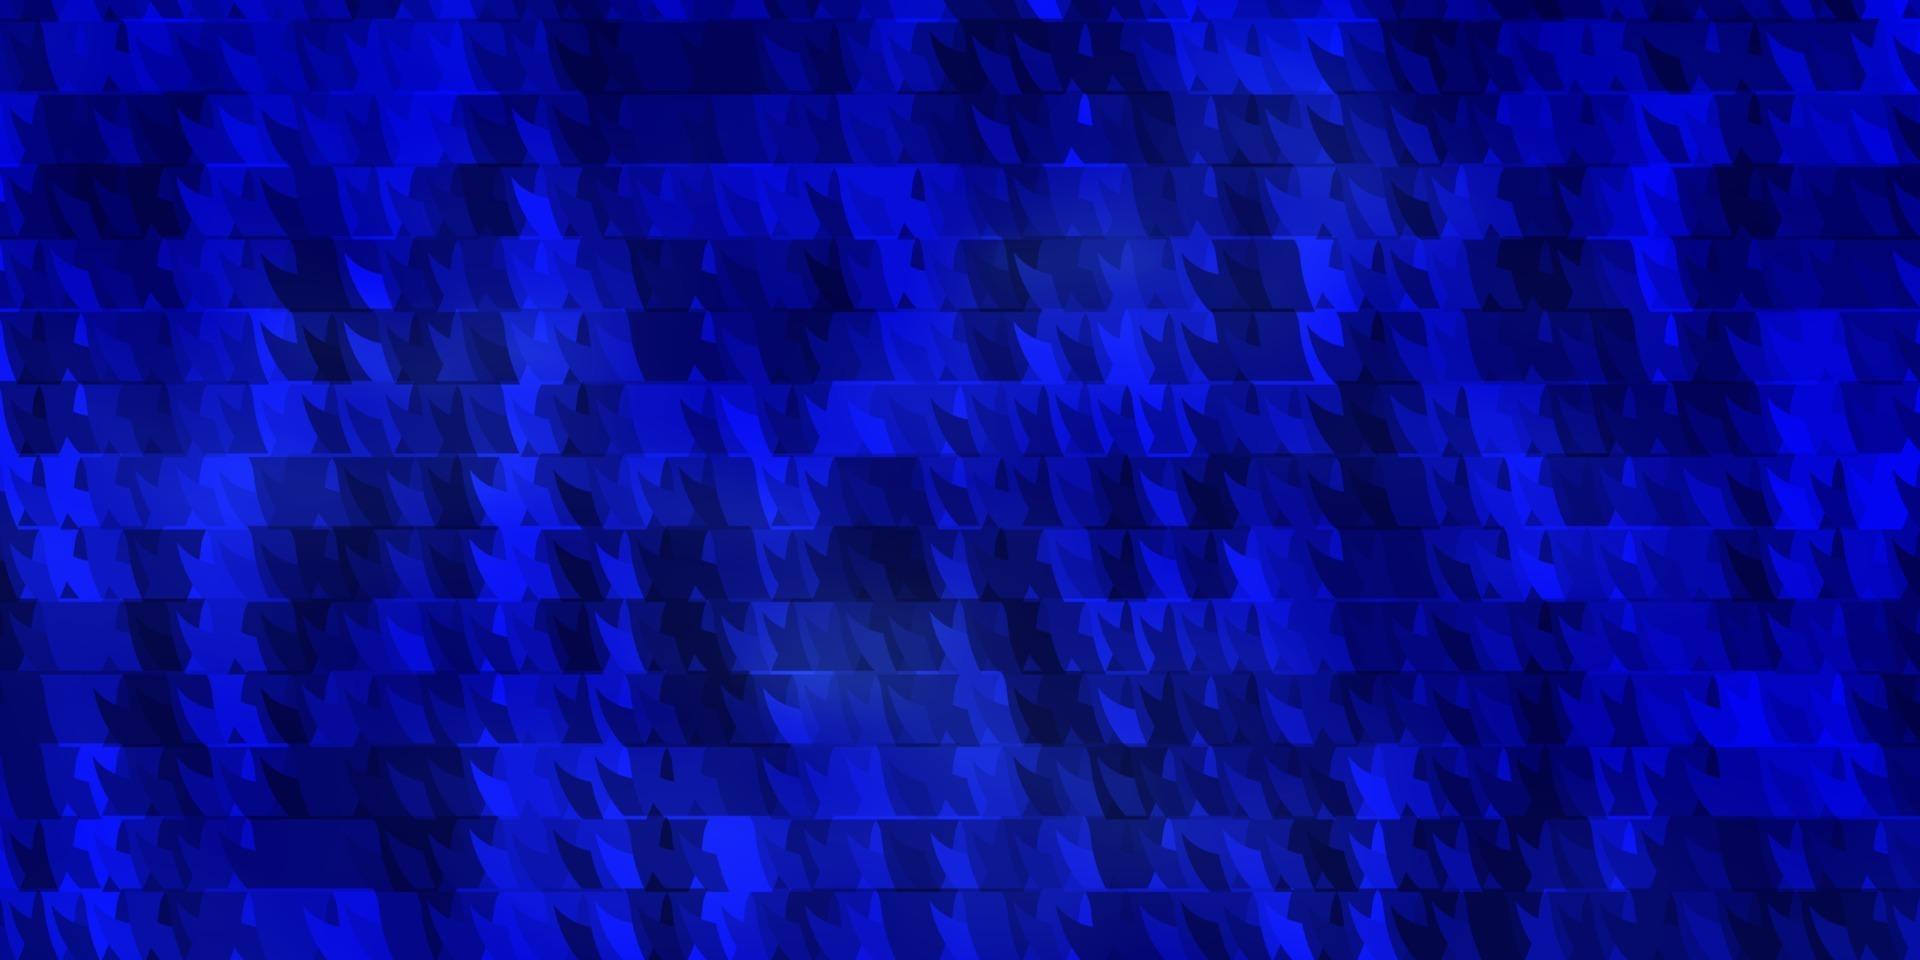 plantilla de vector azul oscuro con líneas, triángulos.